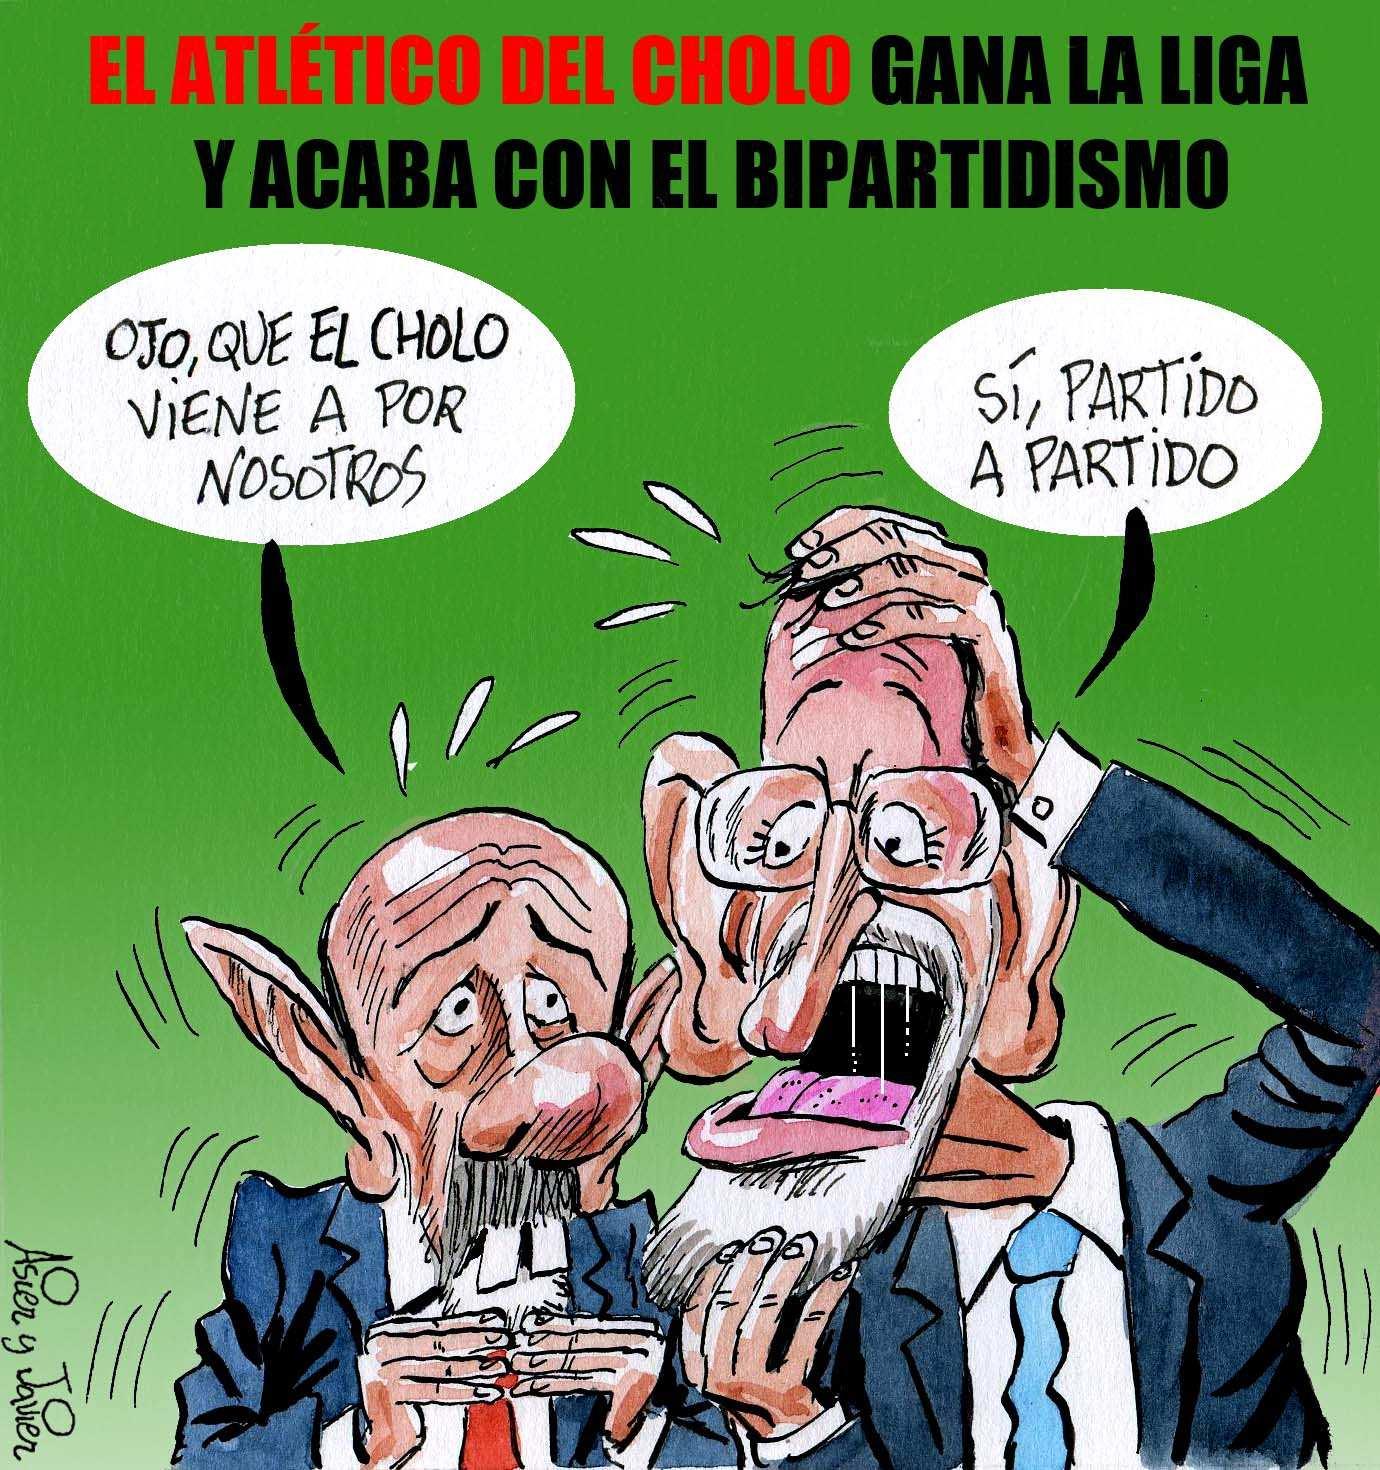 El Atlético de Simeone gana la liga y acaba con el bipartidismo del Madrid y el Barça. Humor, caricatura, Rajoy, Rubalcaba.